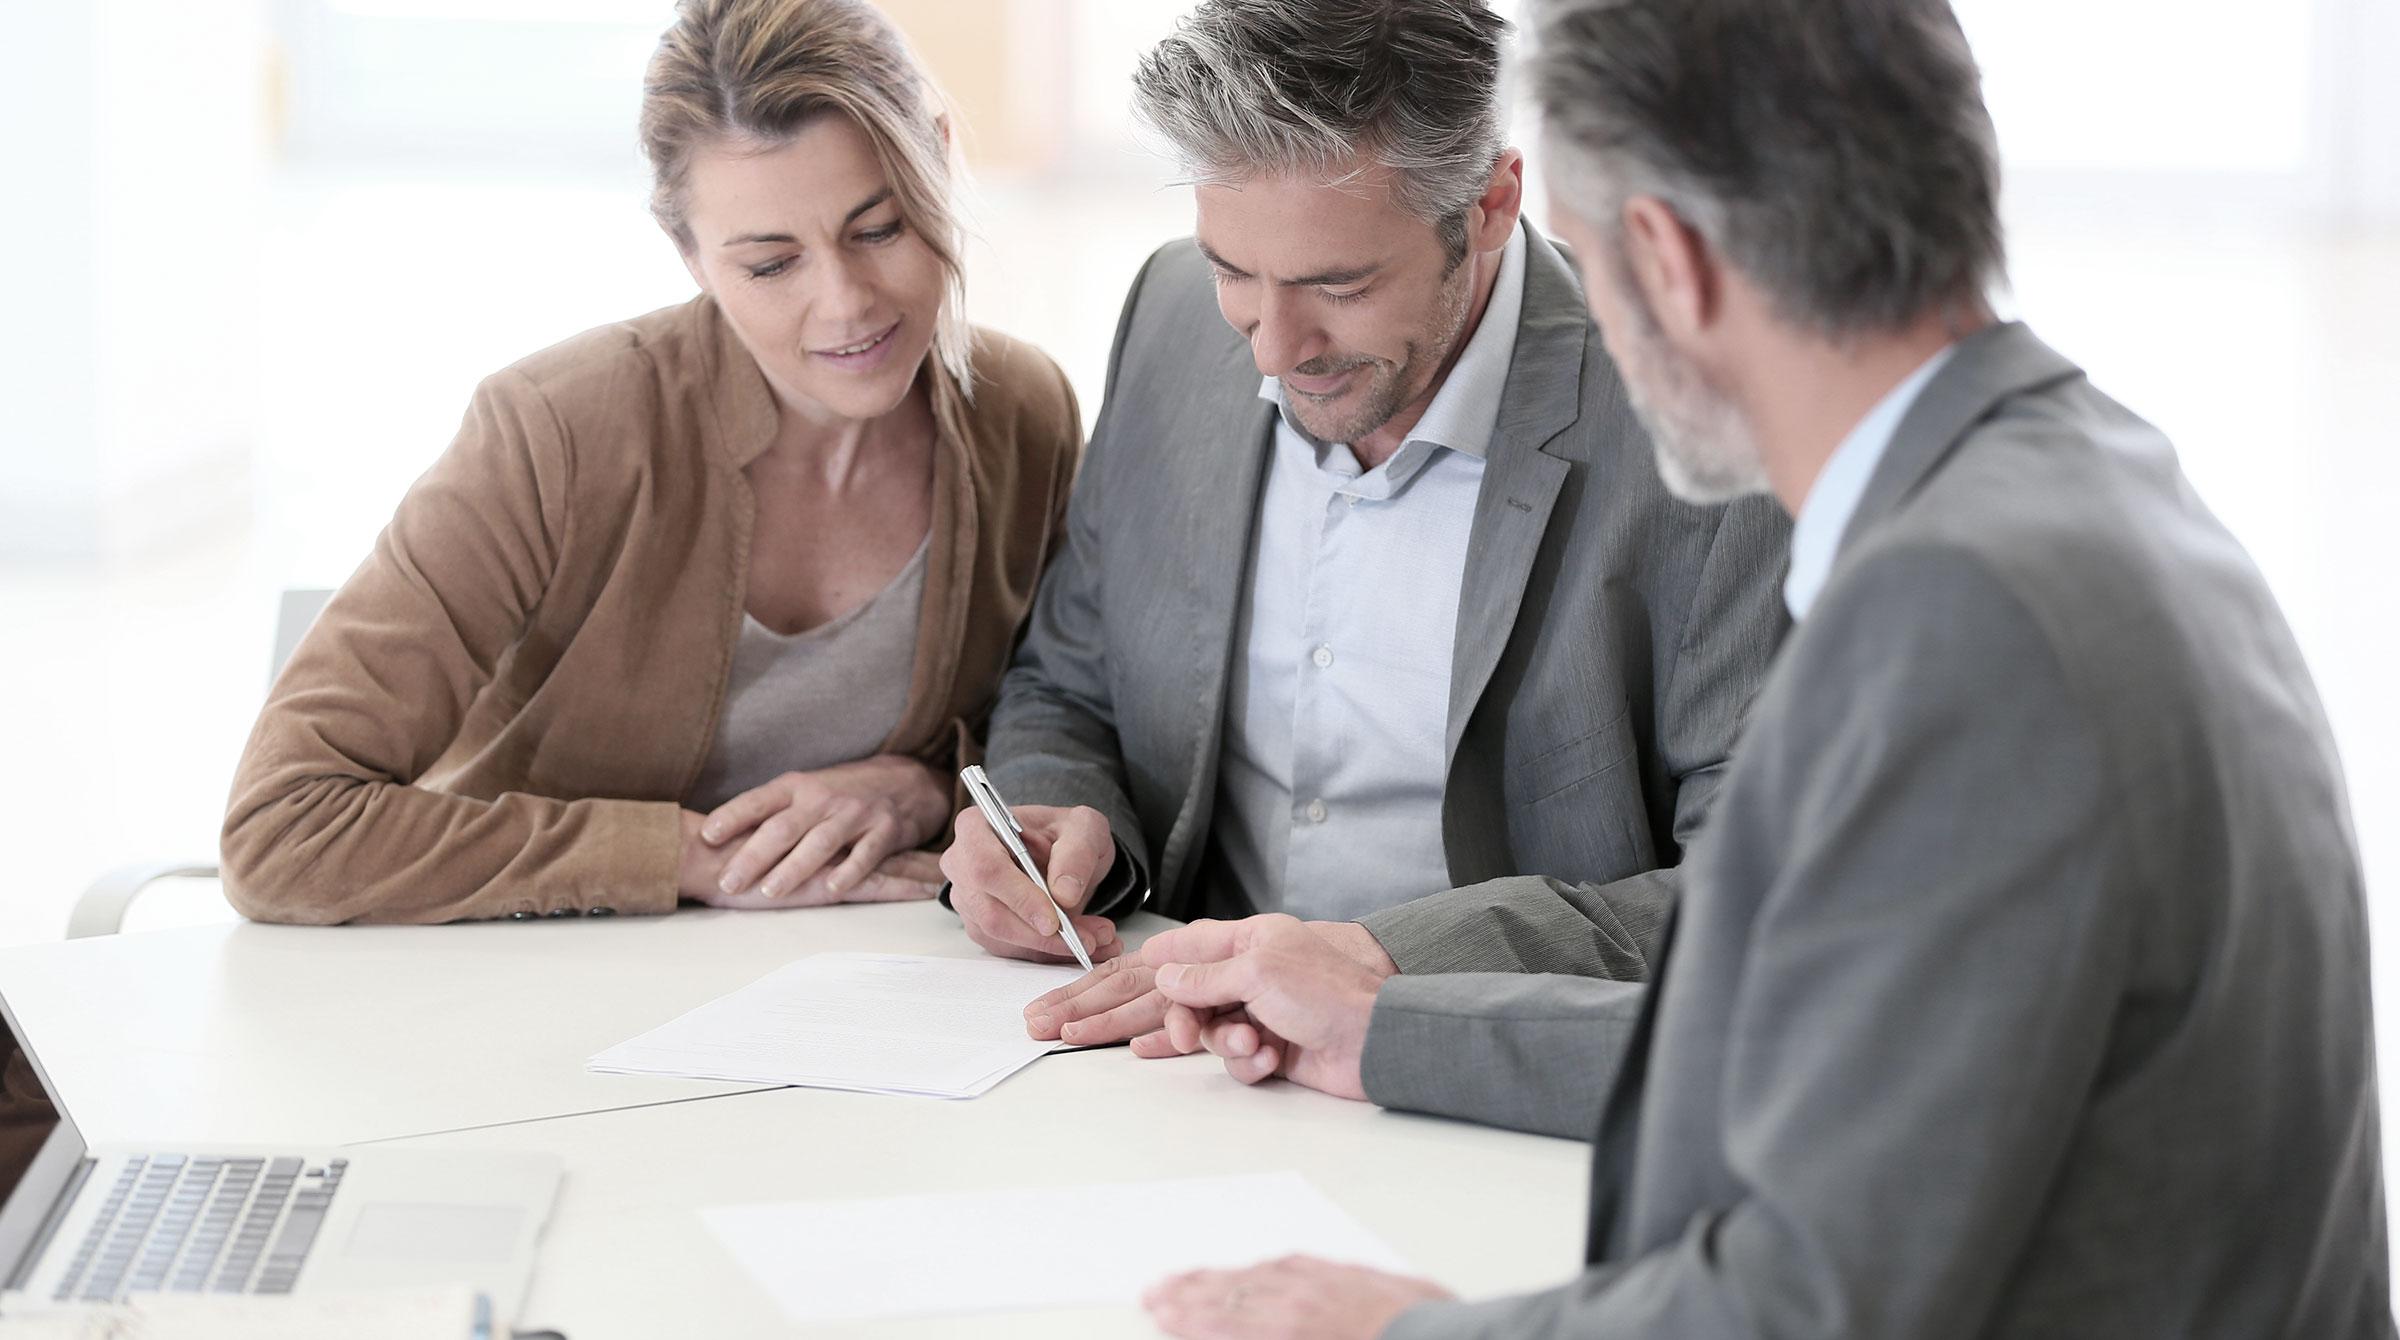 Introbild Anschlussfinanzierung abschließen